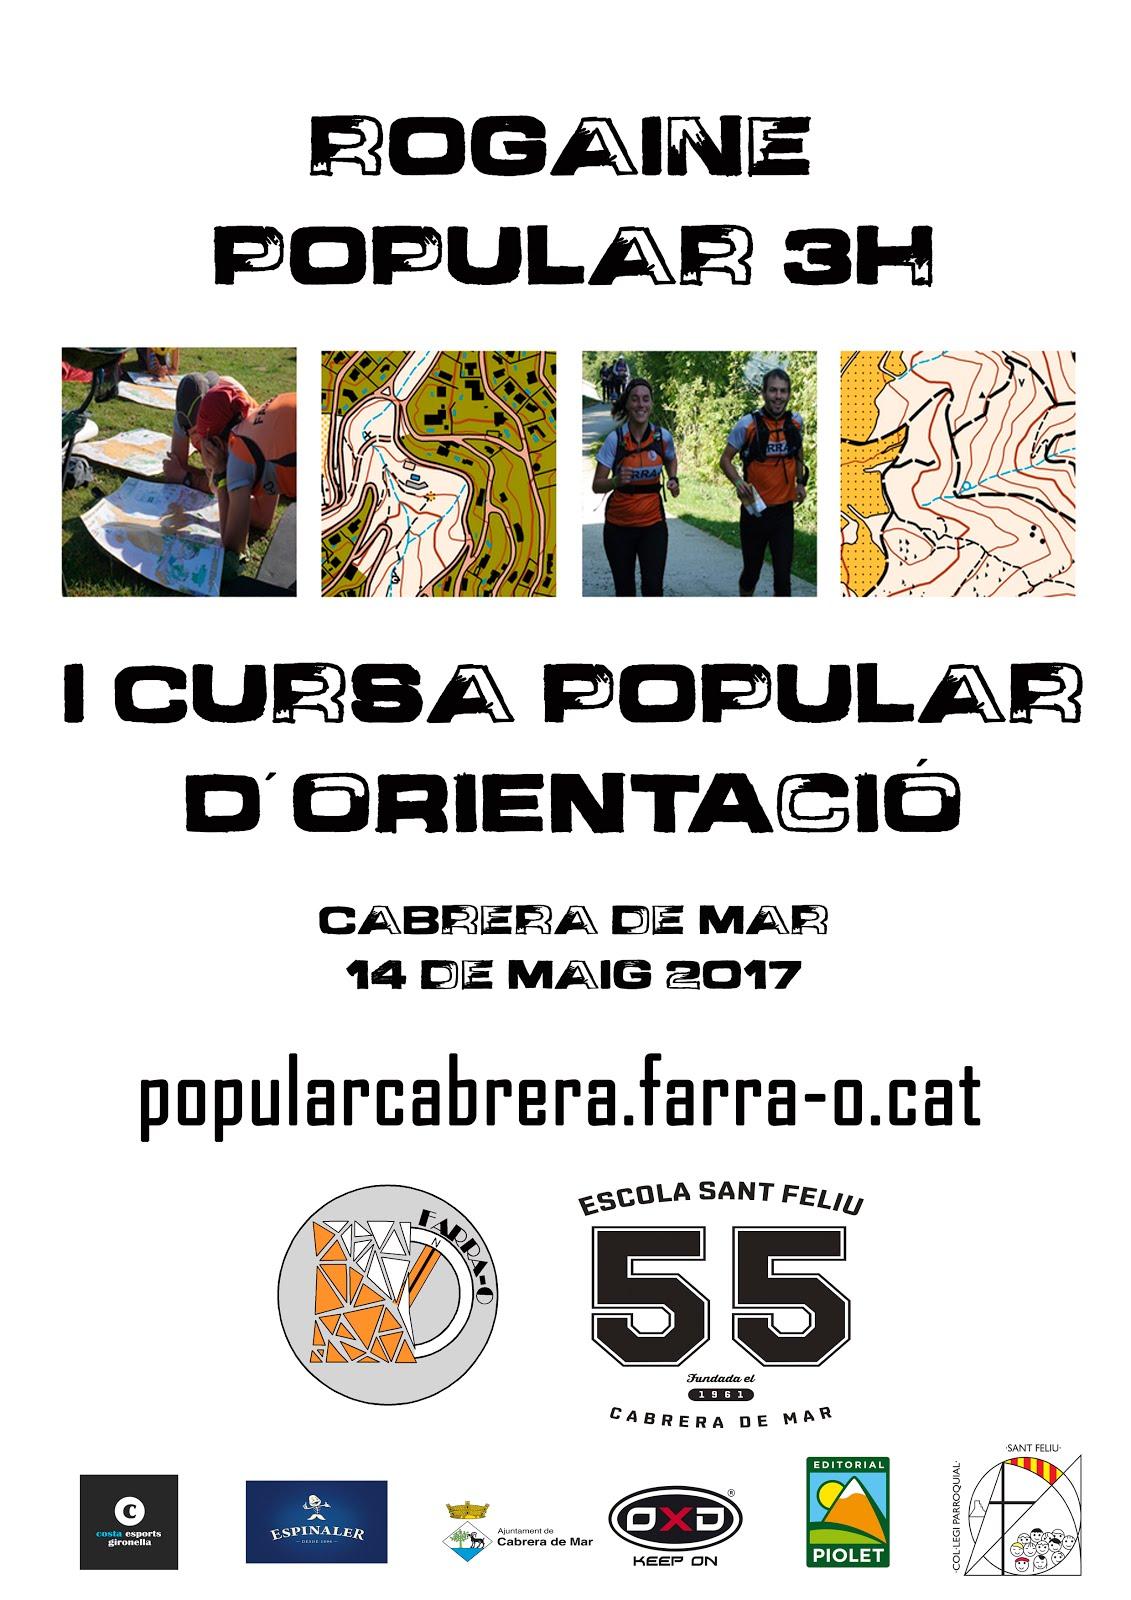 14/05/2017 - POPULAR CABRERA DE MAR